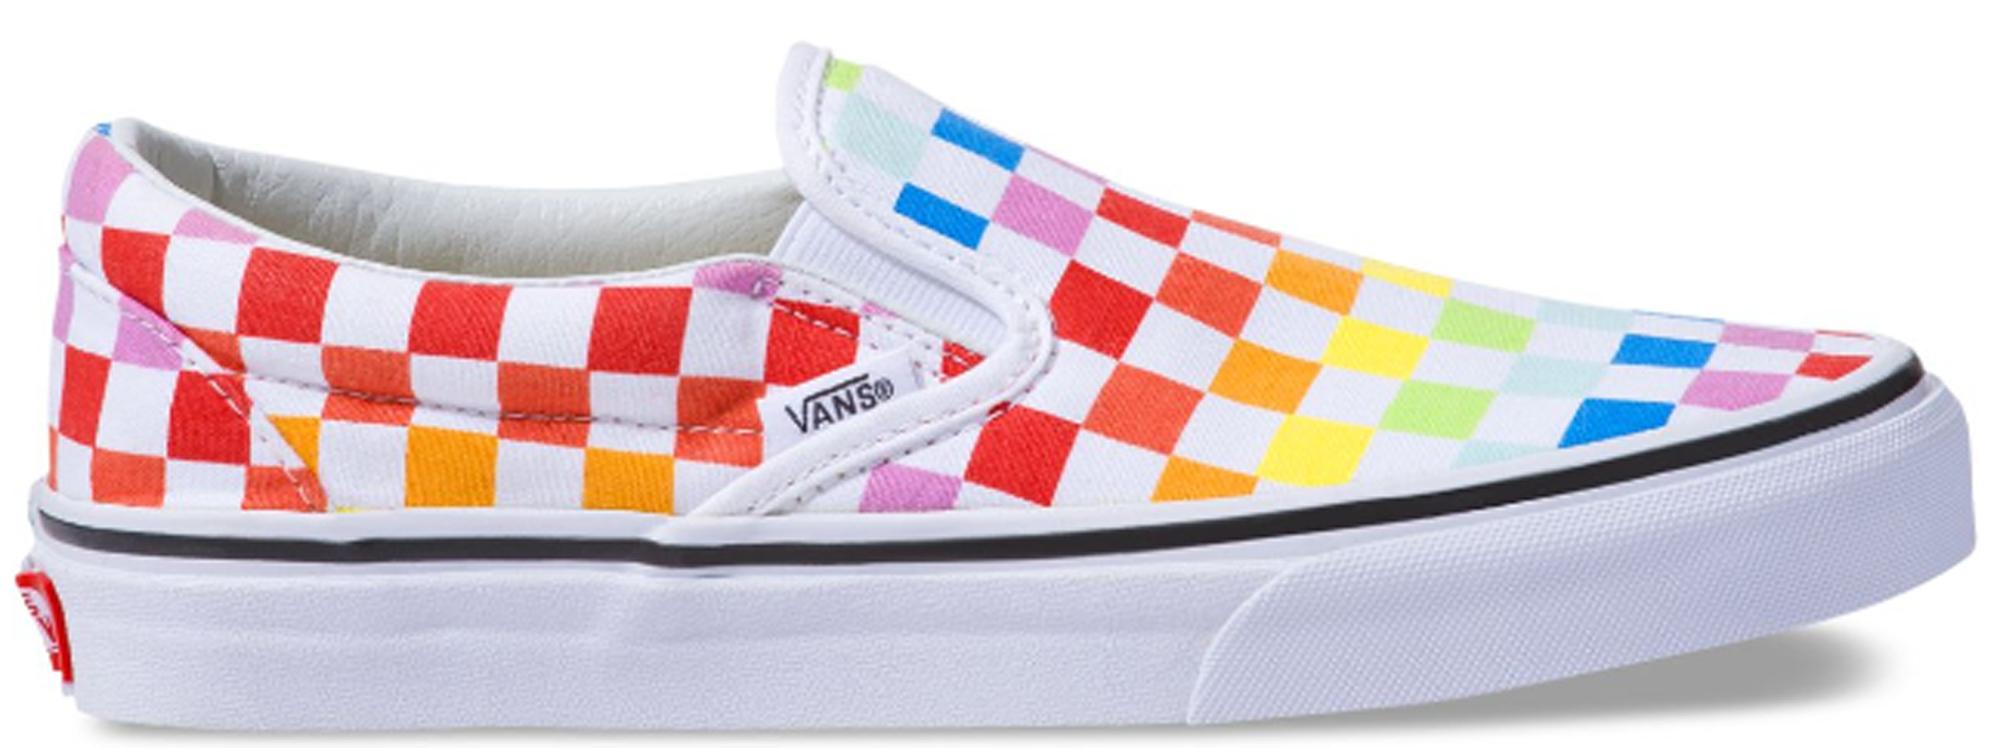 Vans Slip-On Checkerboard Pride 2019